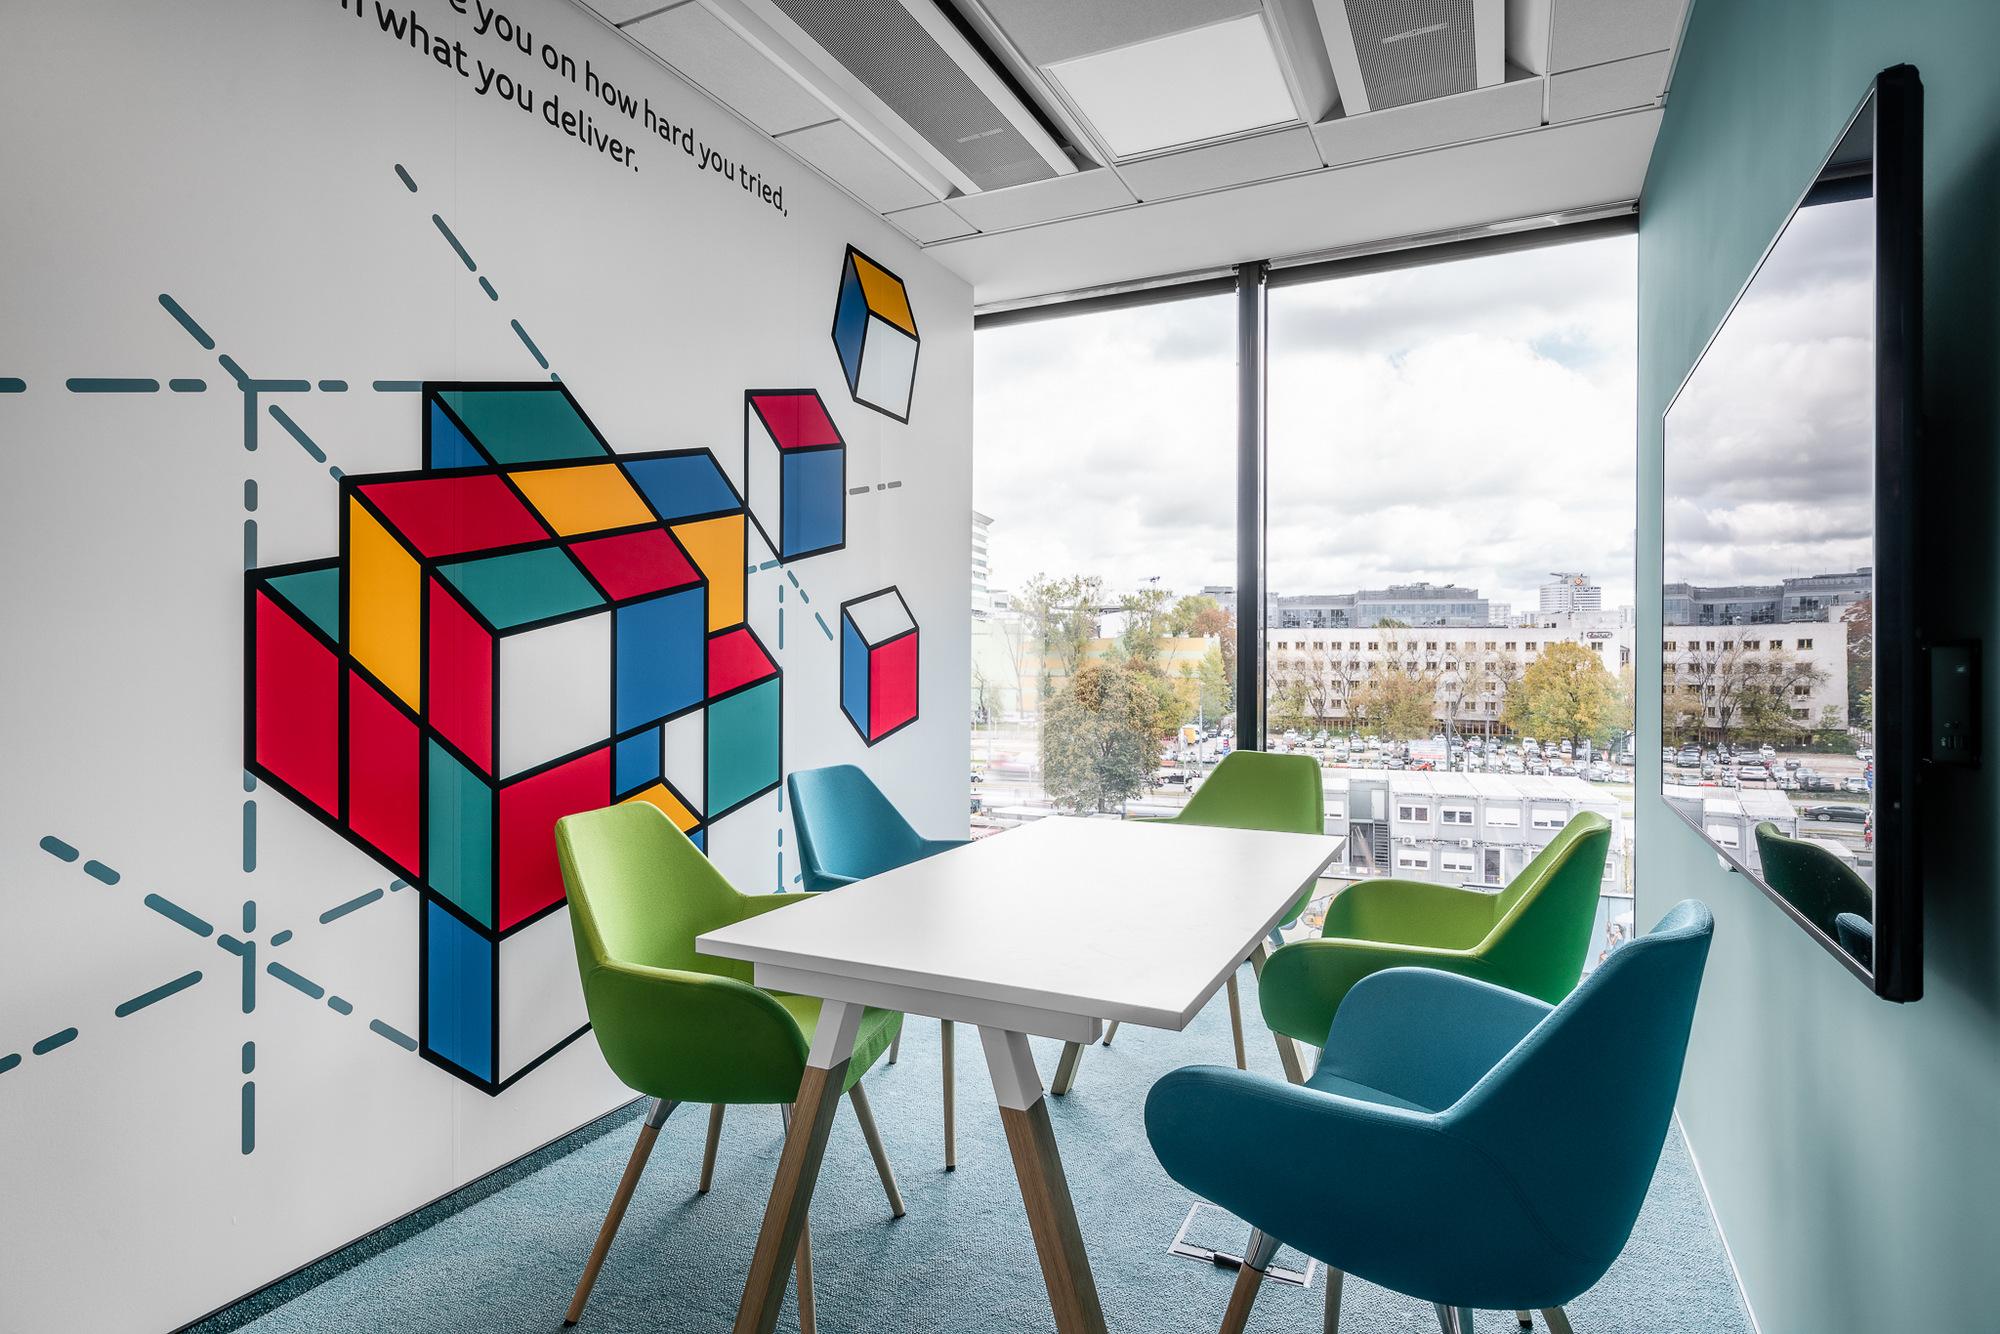 办公室设计如何更有创新的办公空间氛围?